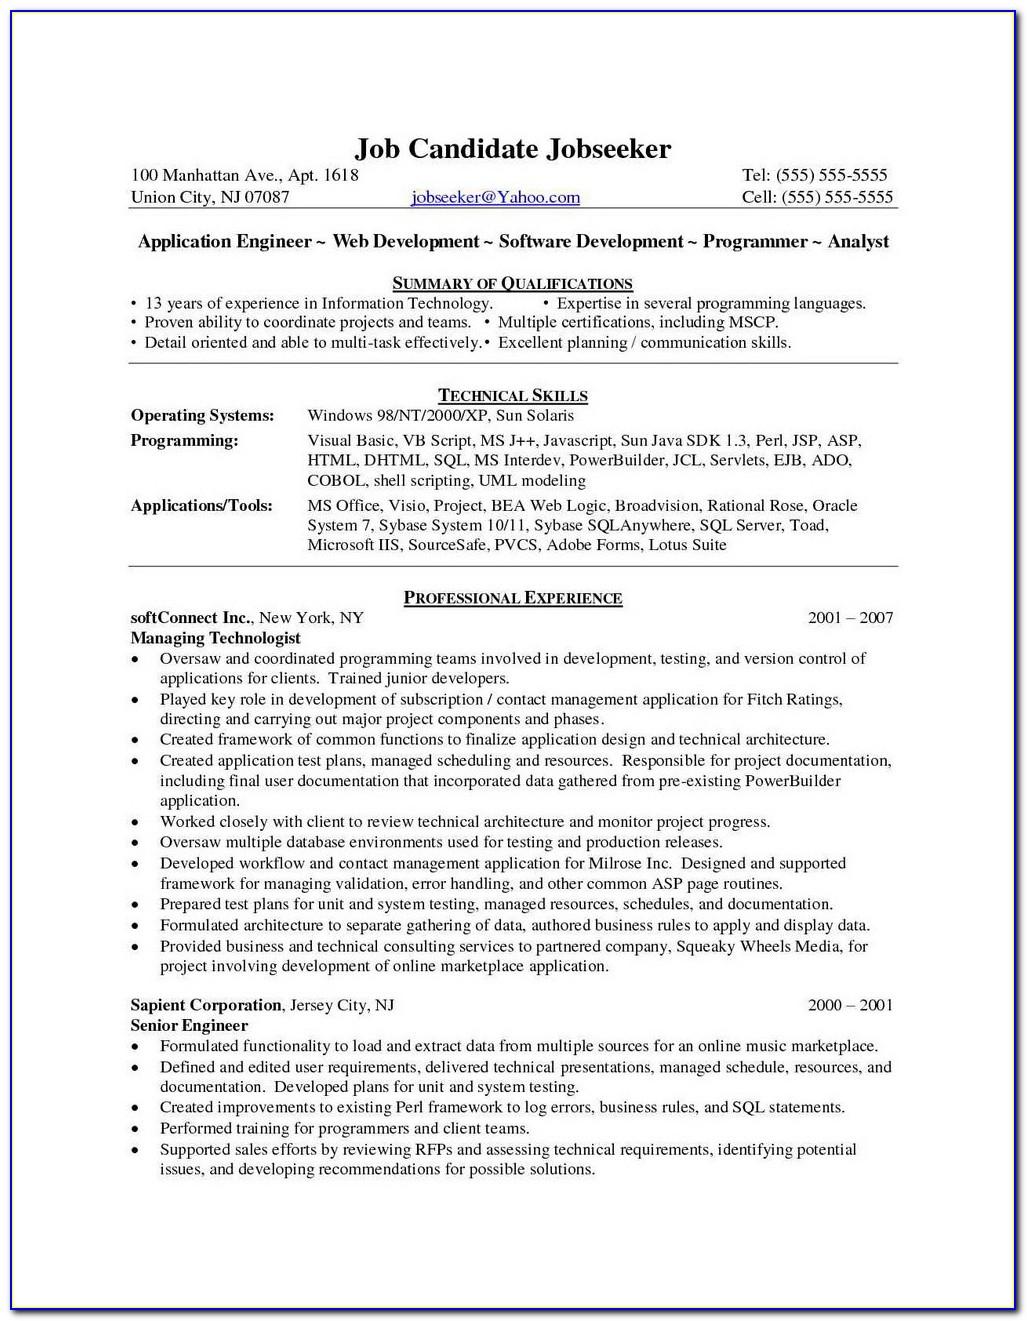 Sample Resume For Experienced .net Developer